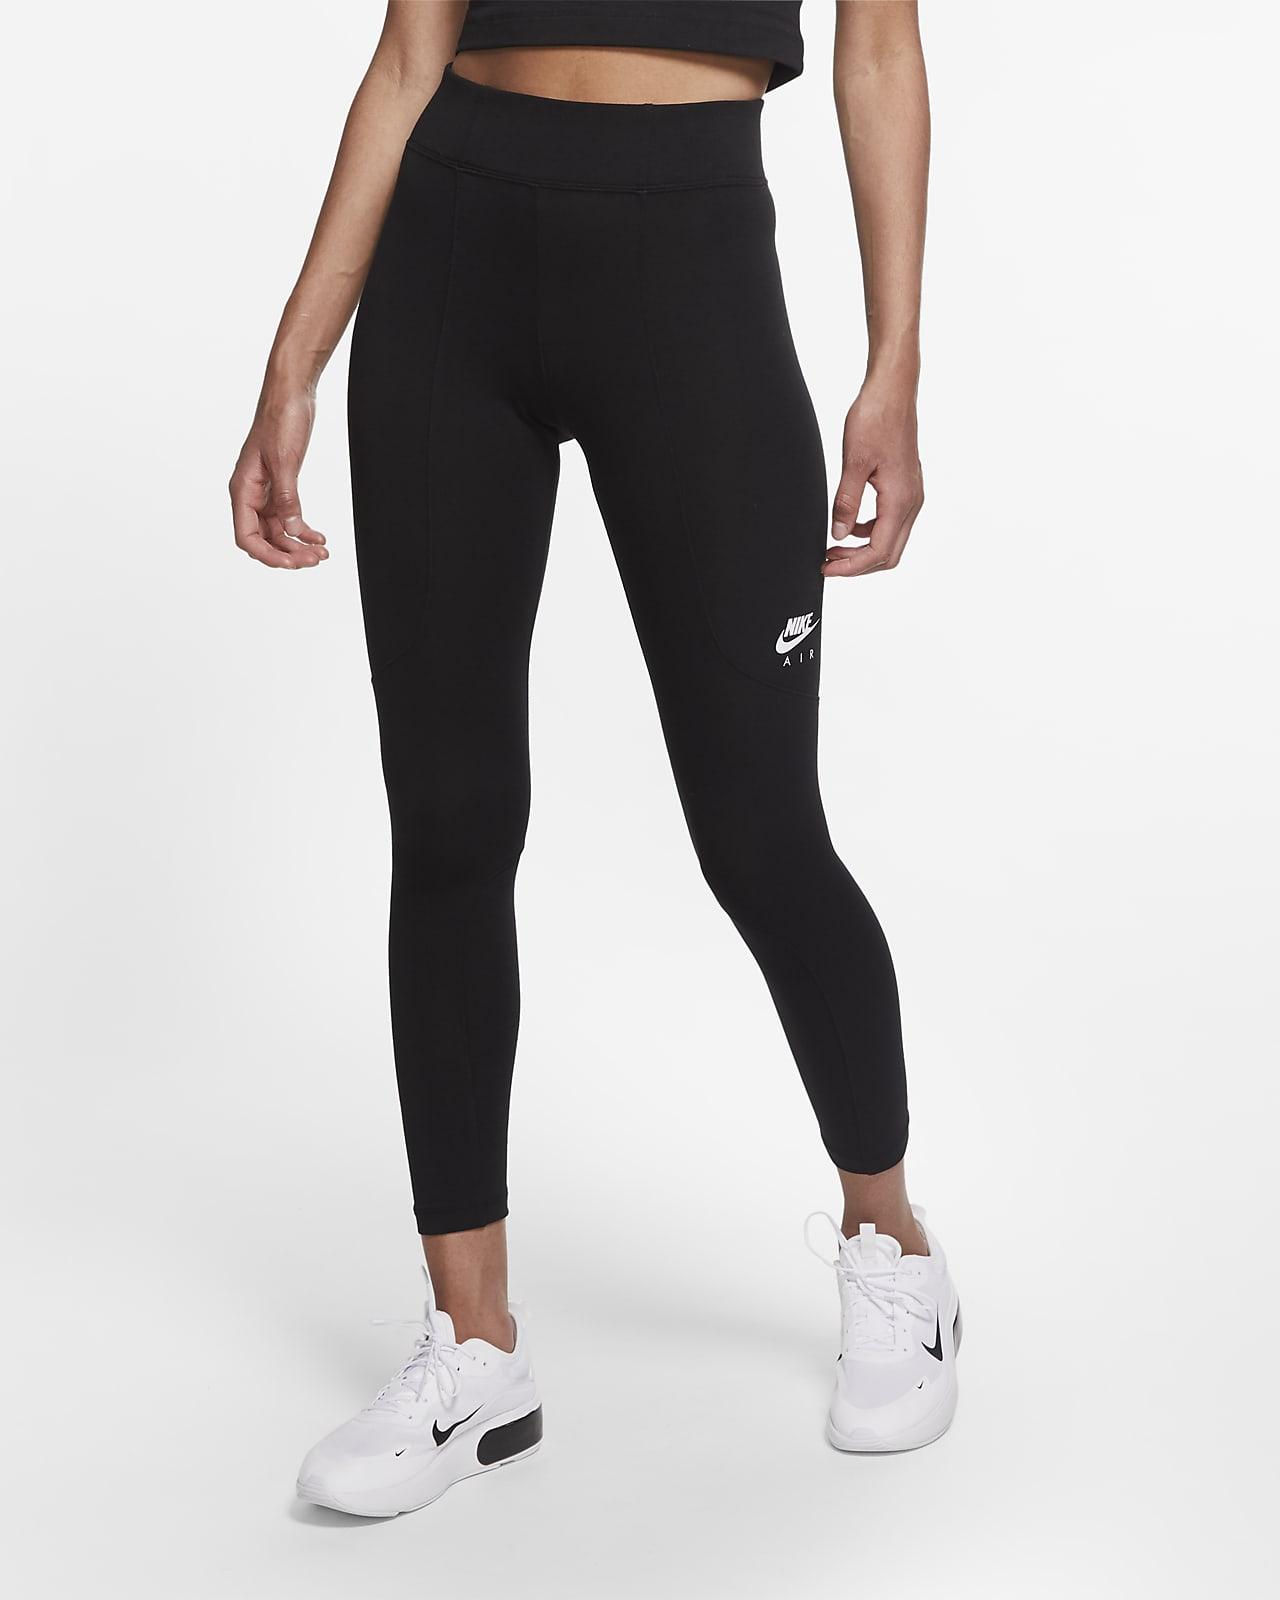 Legging 78 Nike Air pour Femme